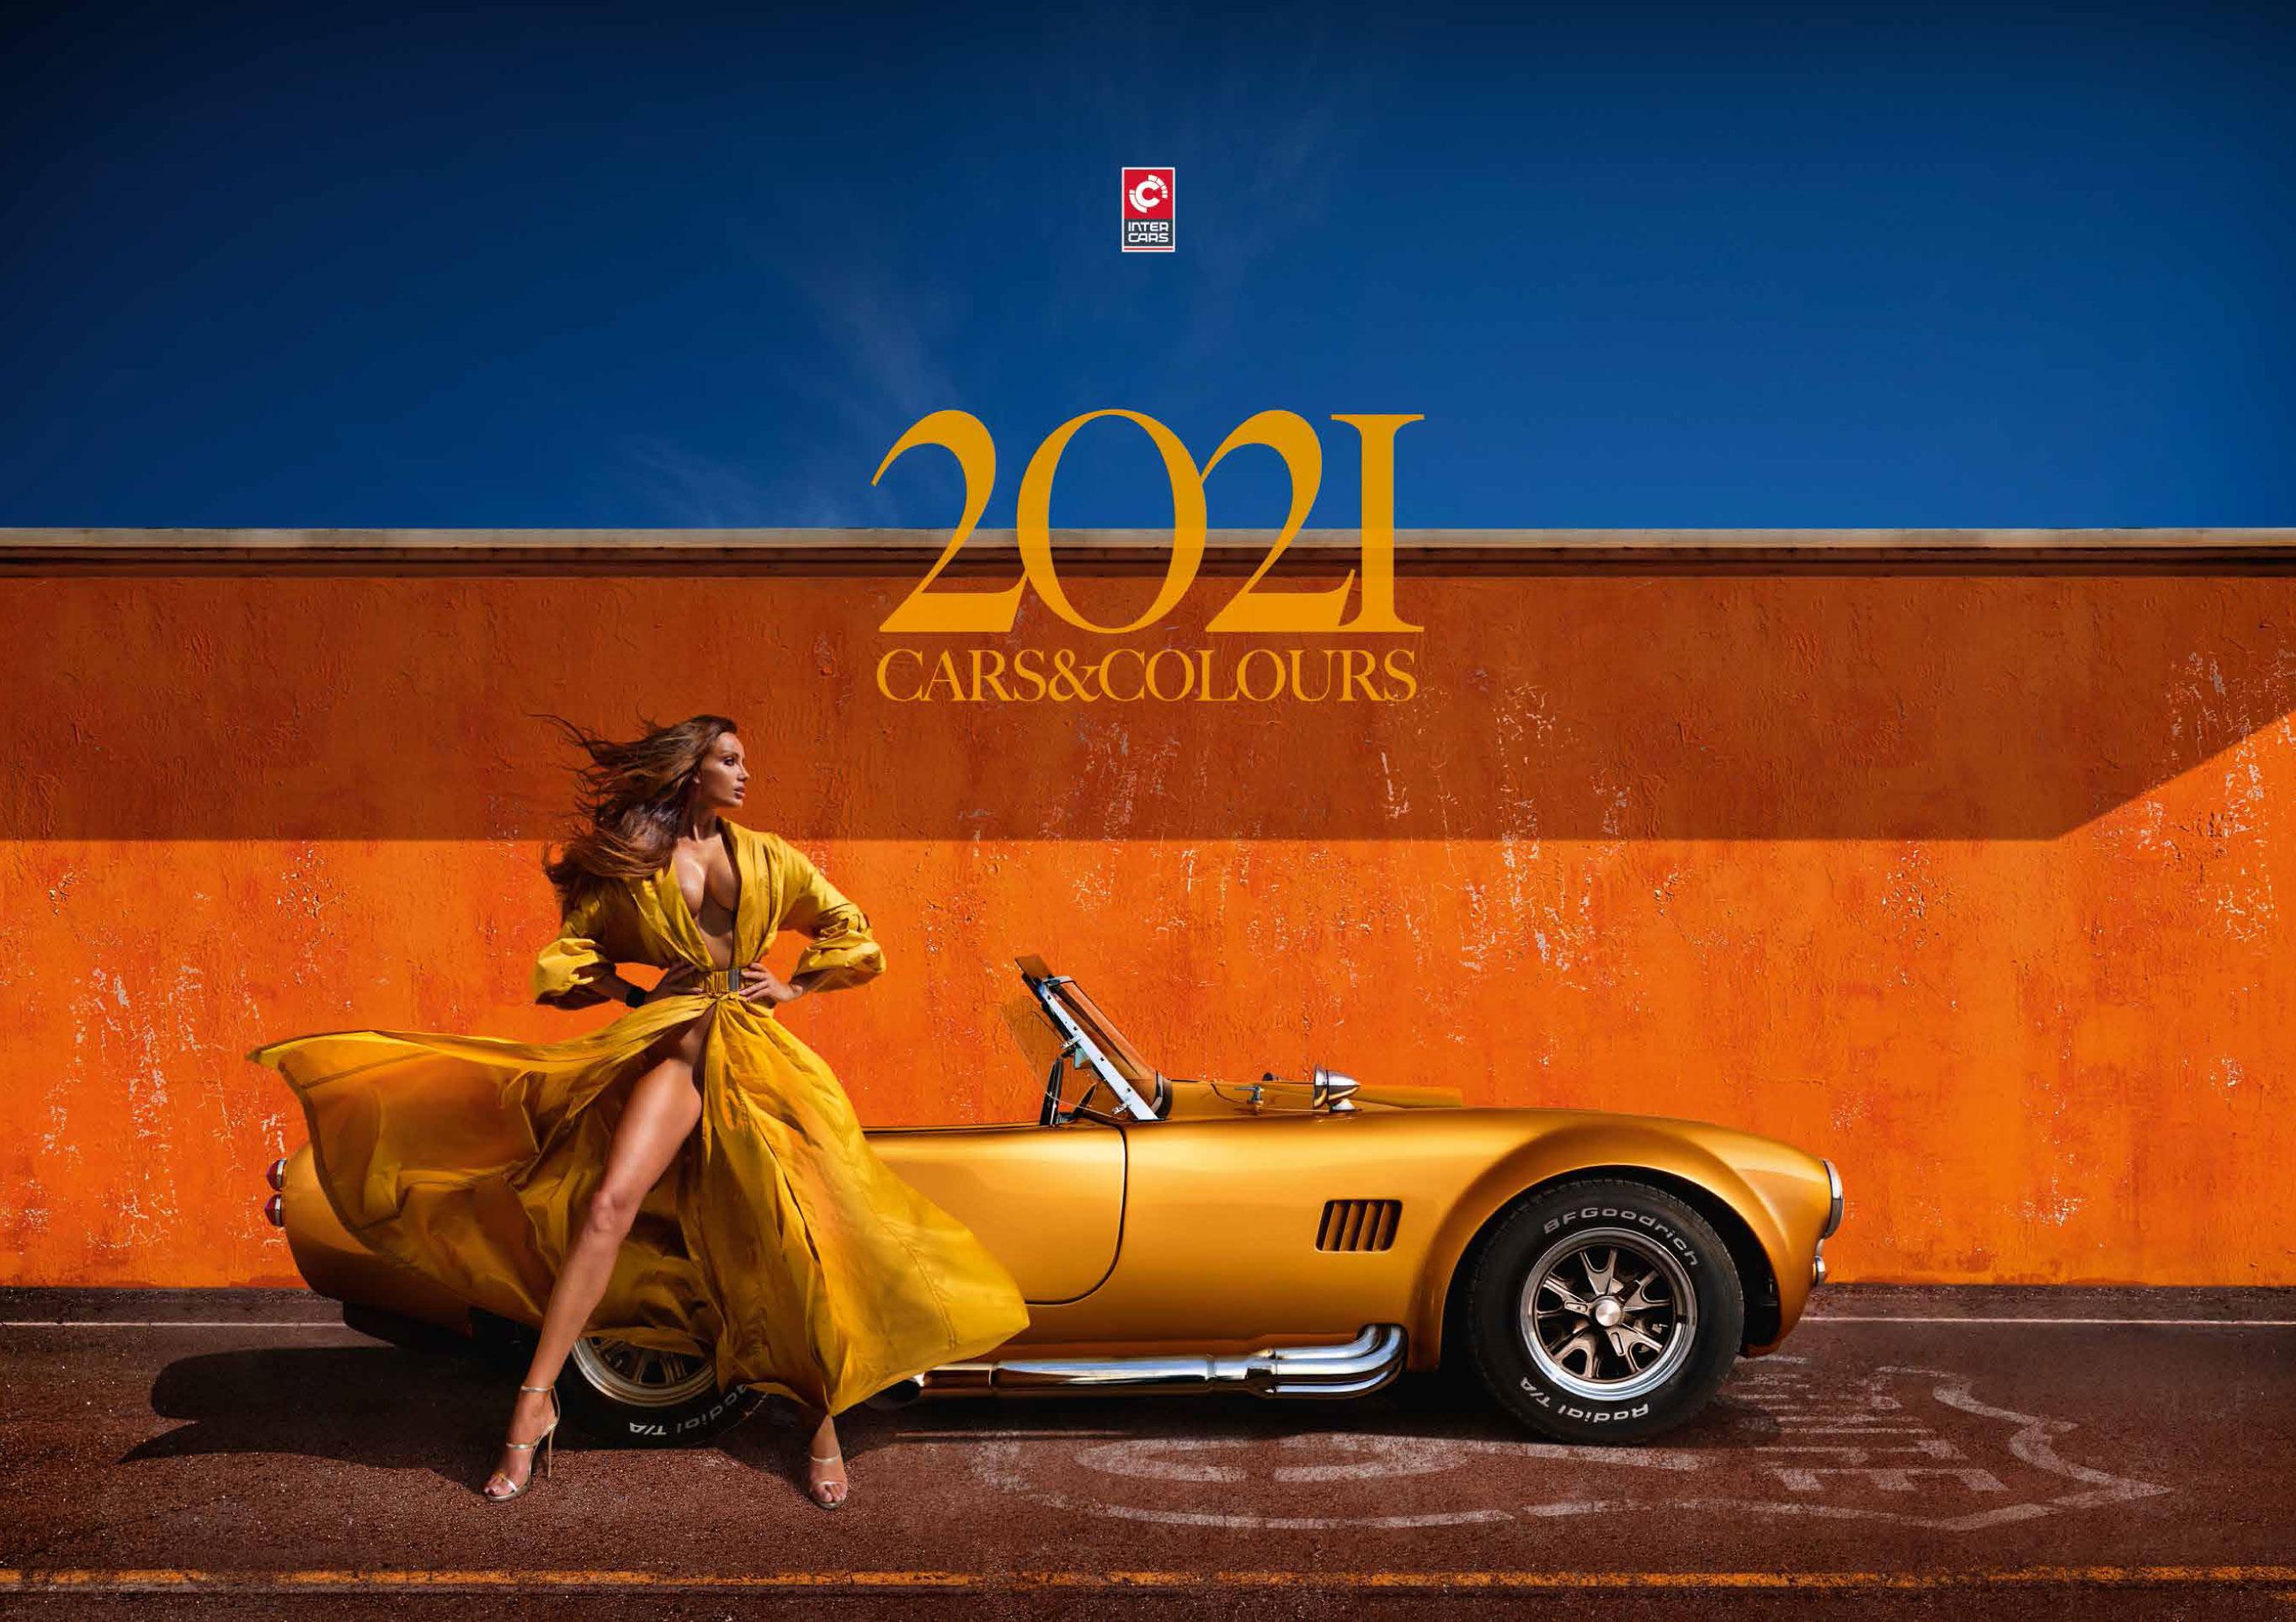 календарь с девушками и автомобилями на 2021 год / обложка